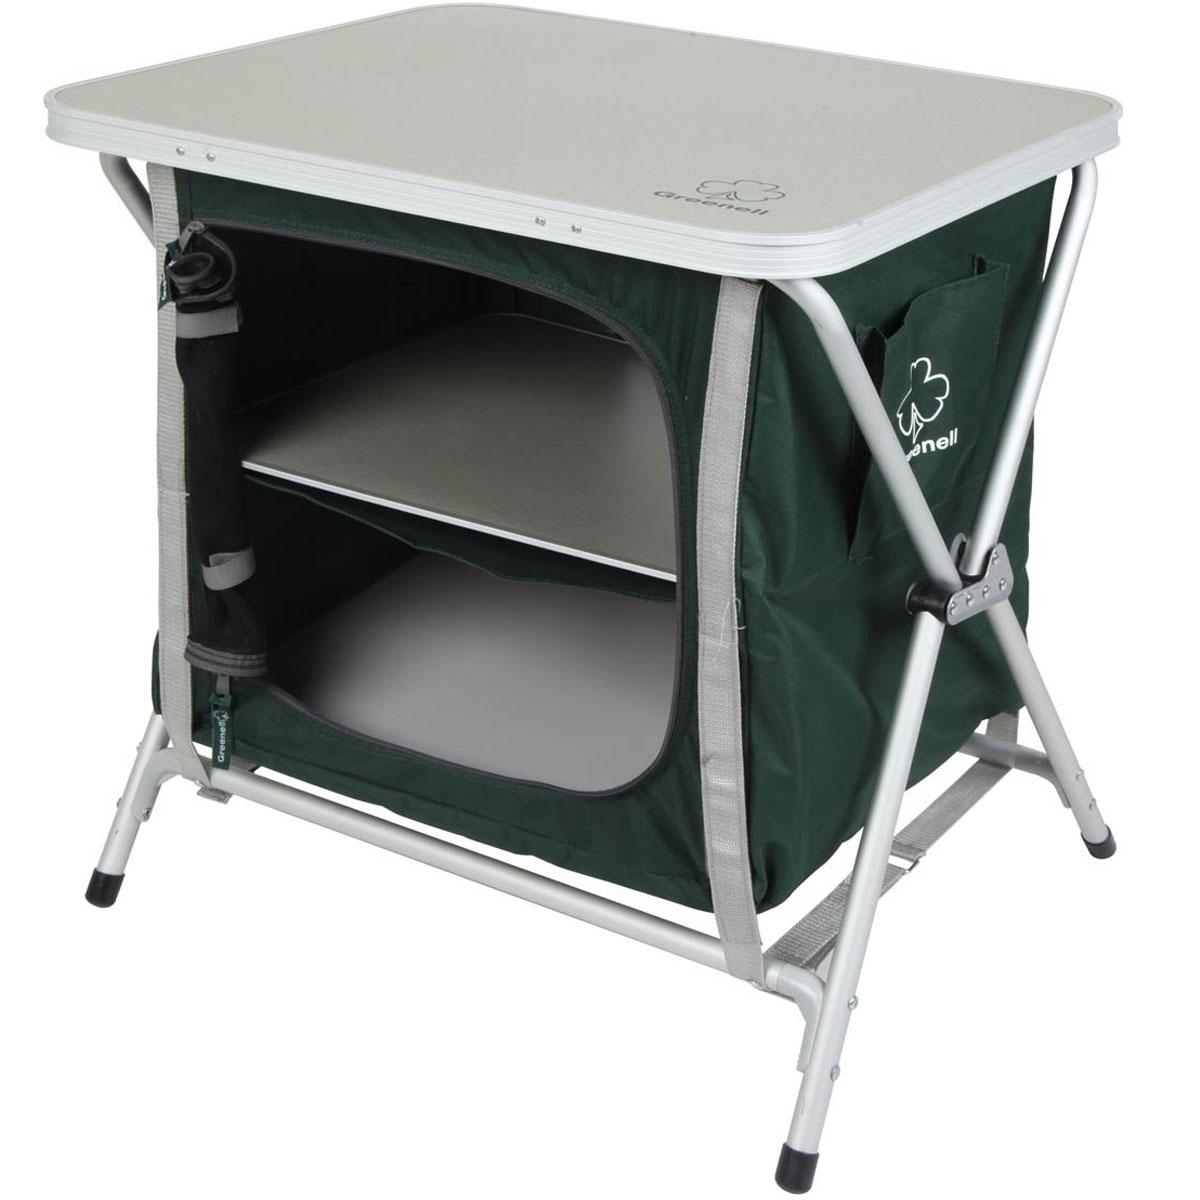 Стеллаж складной Greenell FR-5S, цвет: зеленый. 95223-303-0095223-303-00Складной стеллаж пригодится для отдыха на природе. Стеллаж незаменим для отдыха на свежем воздухе, во время выездов к озеру, в лес с палаткой, на пикники. Любителю отдыхать на природе полезно иметь в багажнике компактный складной стеллаж Greenell FR-5S. В комплекте удобный чехол-сумка для переноски и хранения.Максимальная нагрузка: 30 кг.